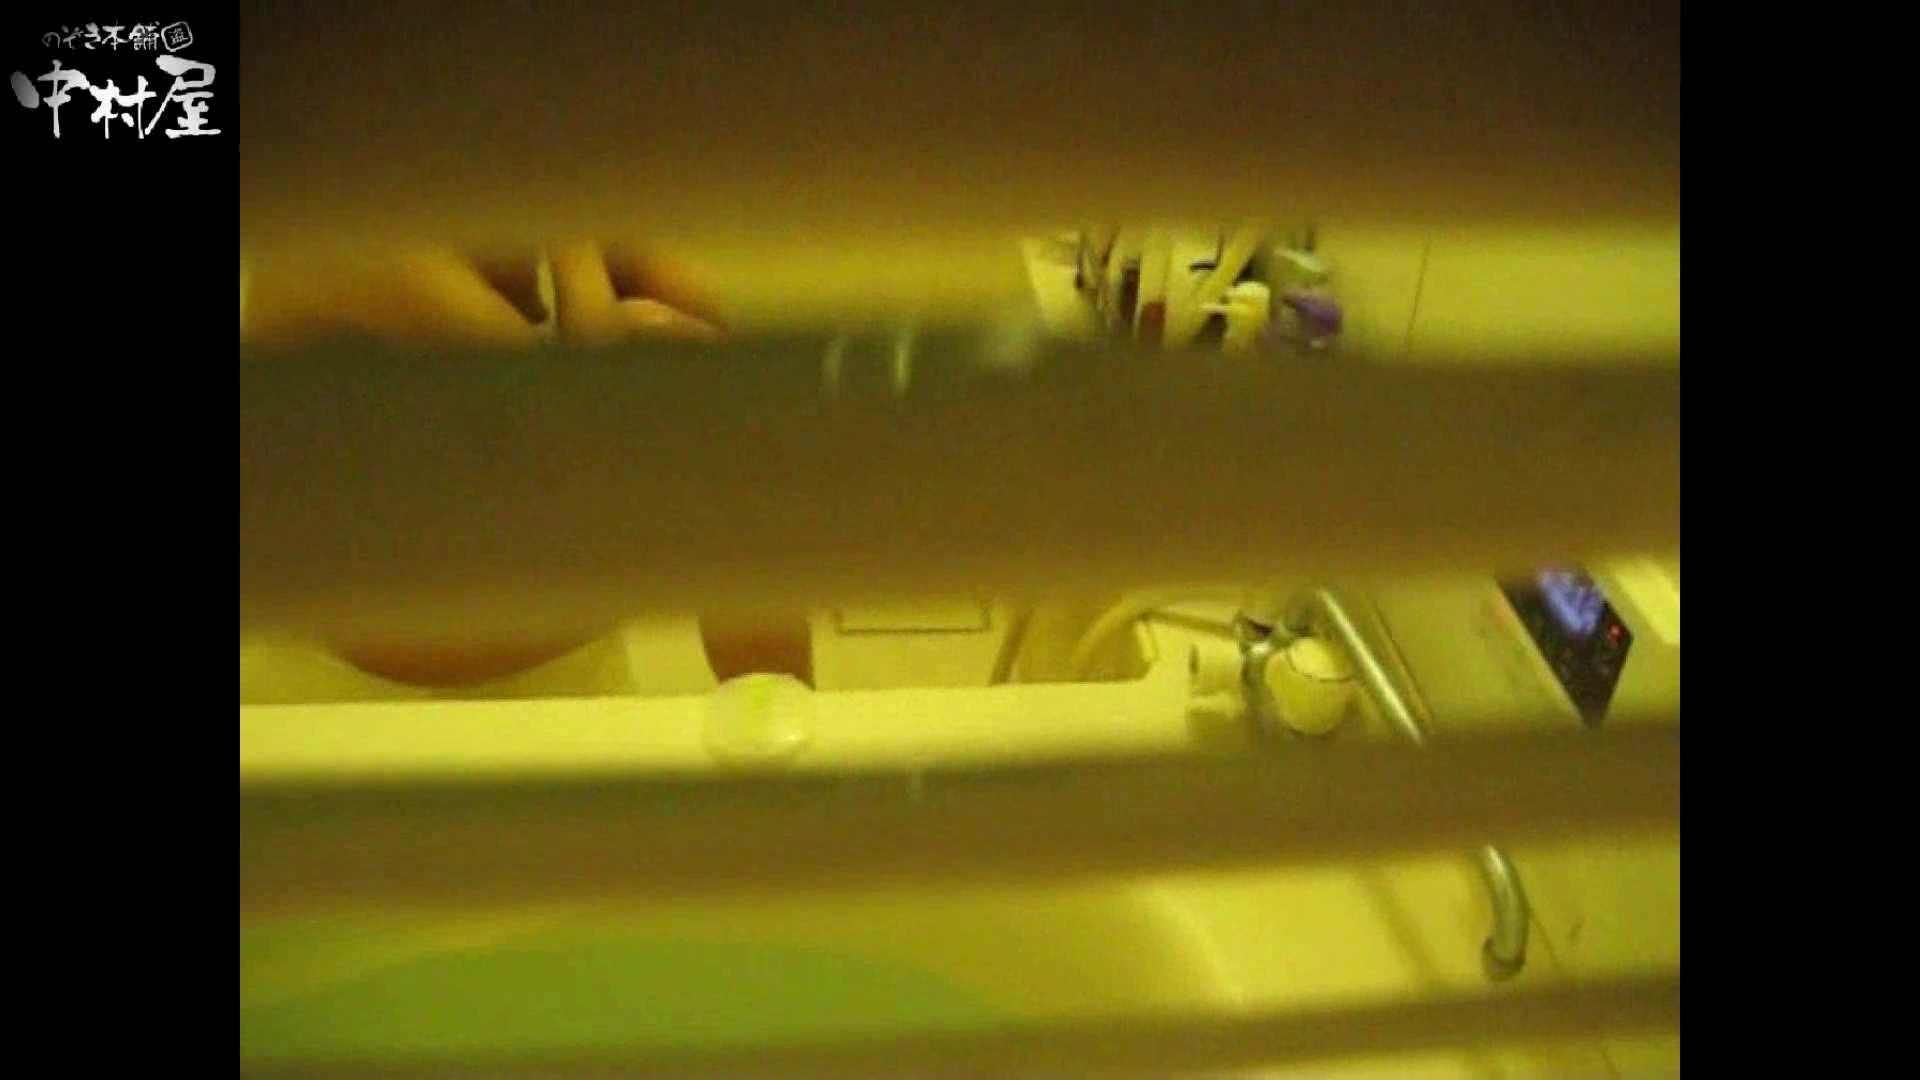 民家風呂専門盗撮師の超危険映像 vol.008 美女丸裸 のぞき動画画像 94pic 3